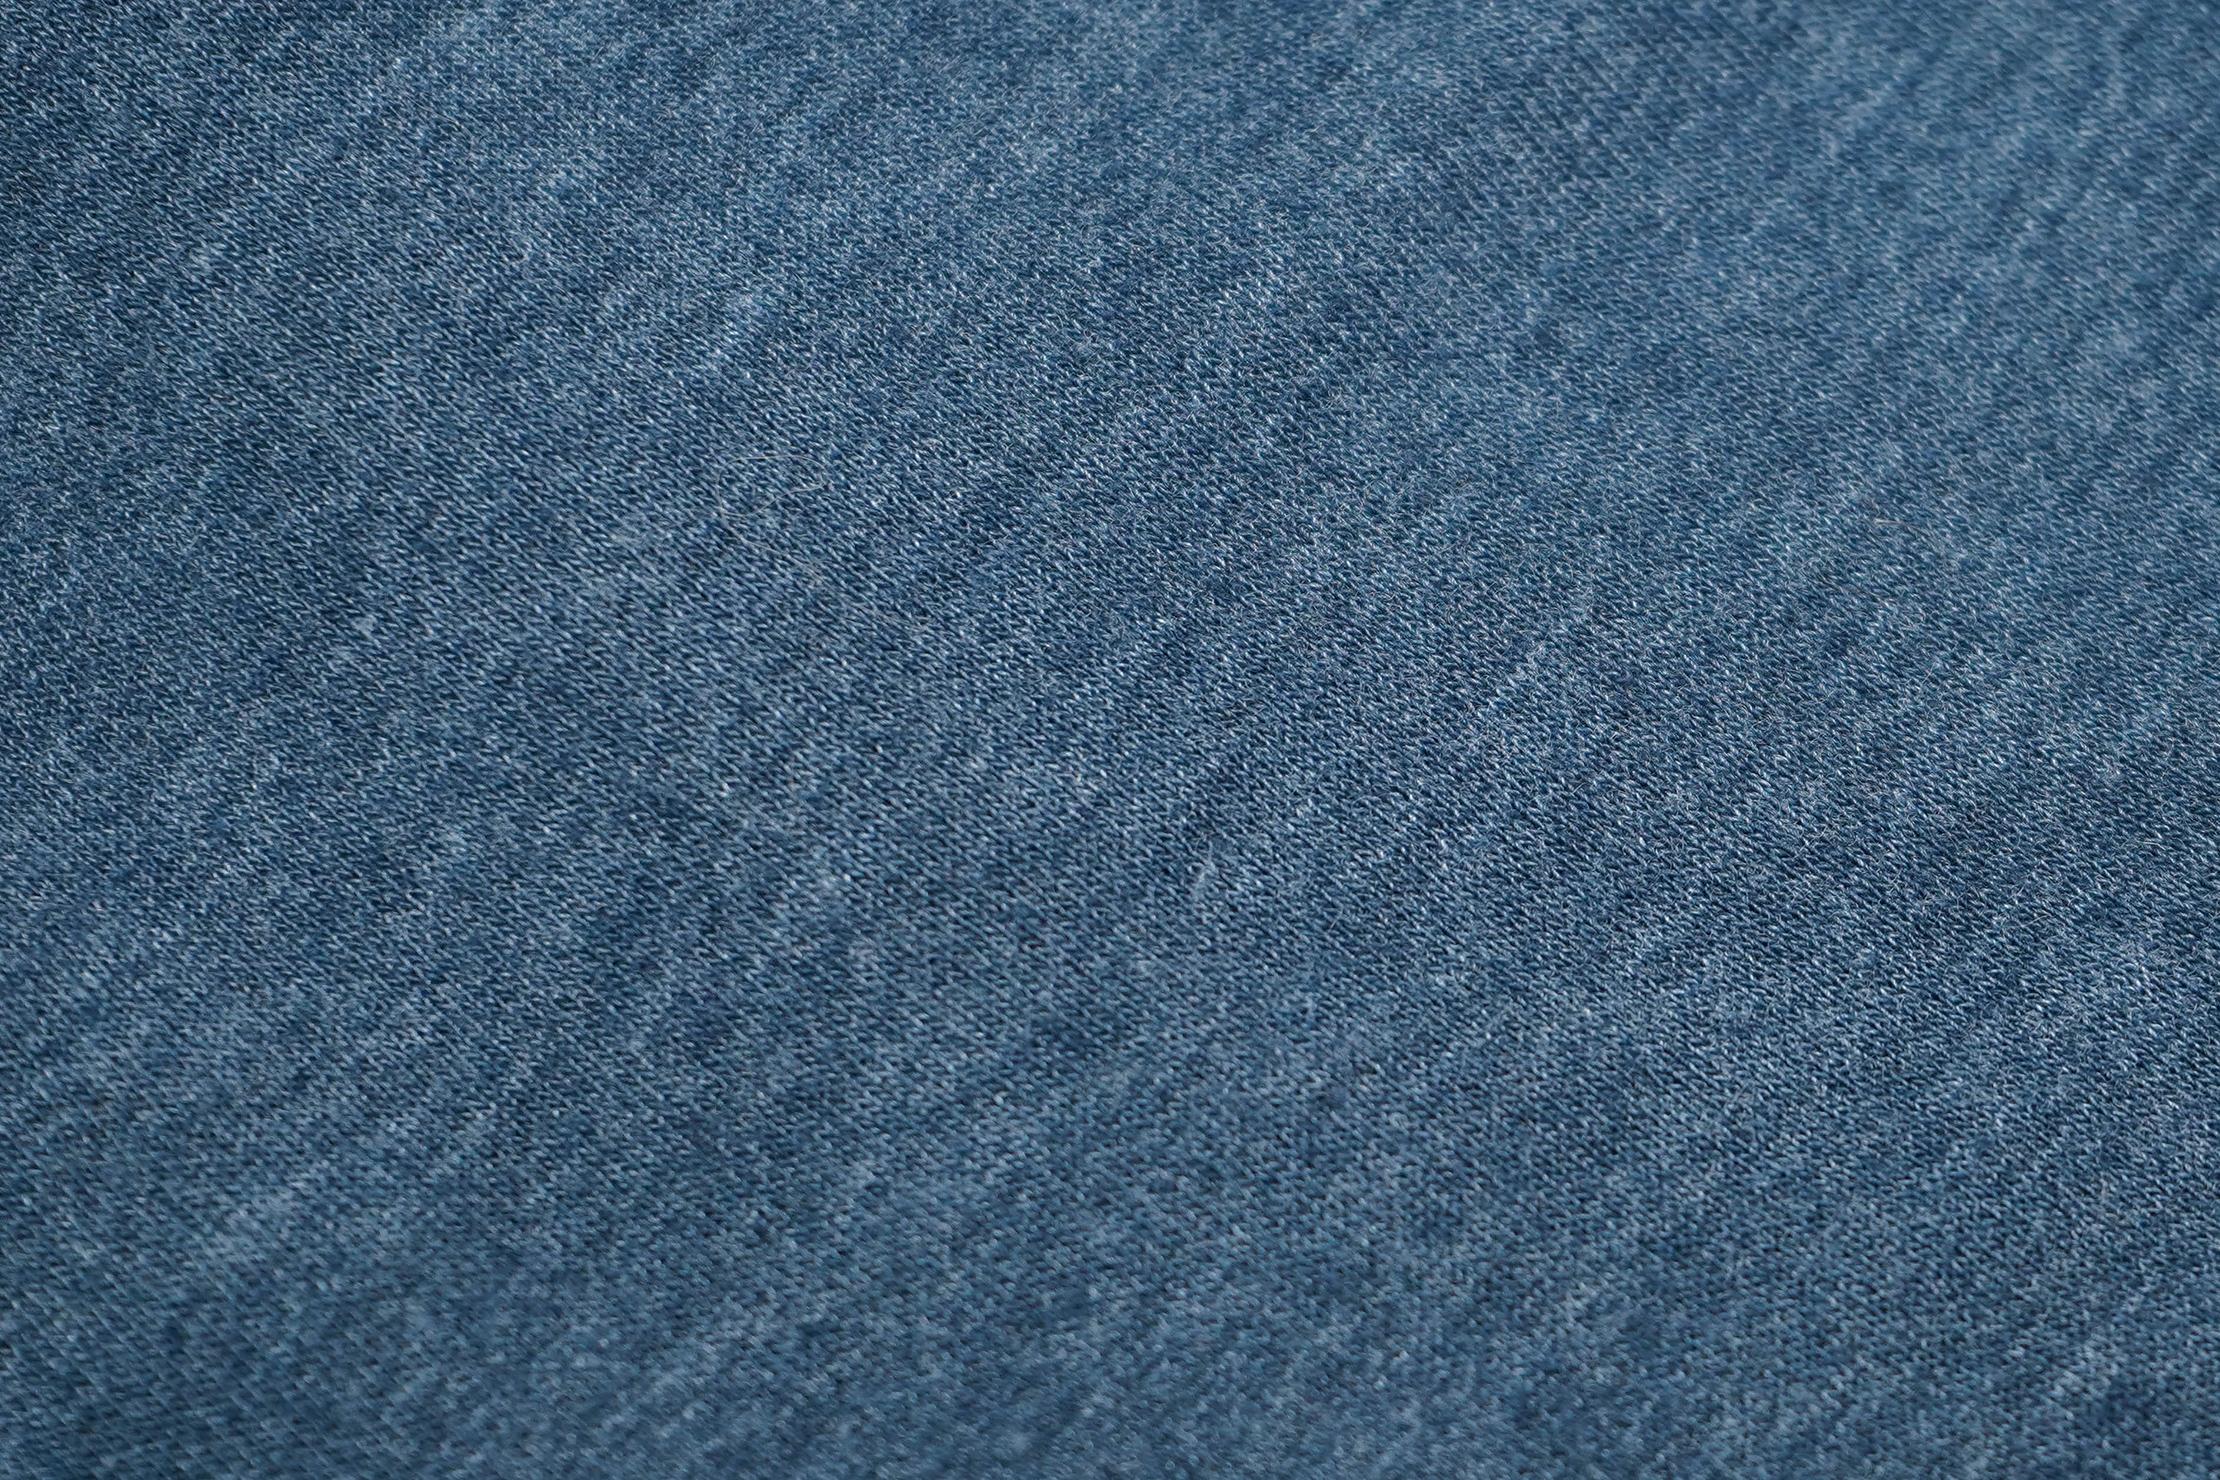 BauBax Sweatshirt 2.0 Material